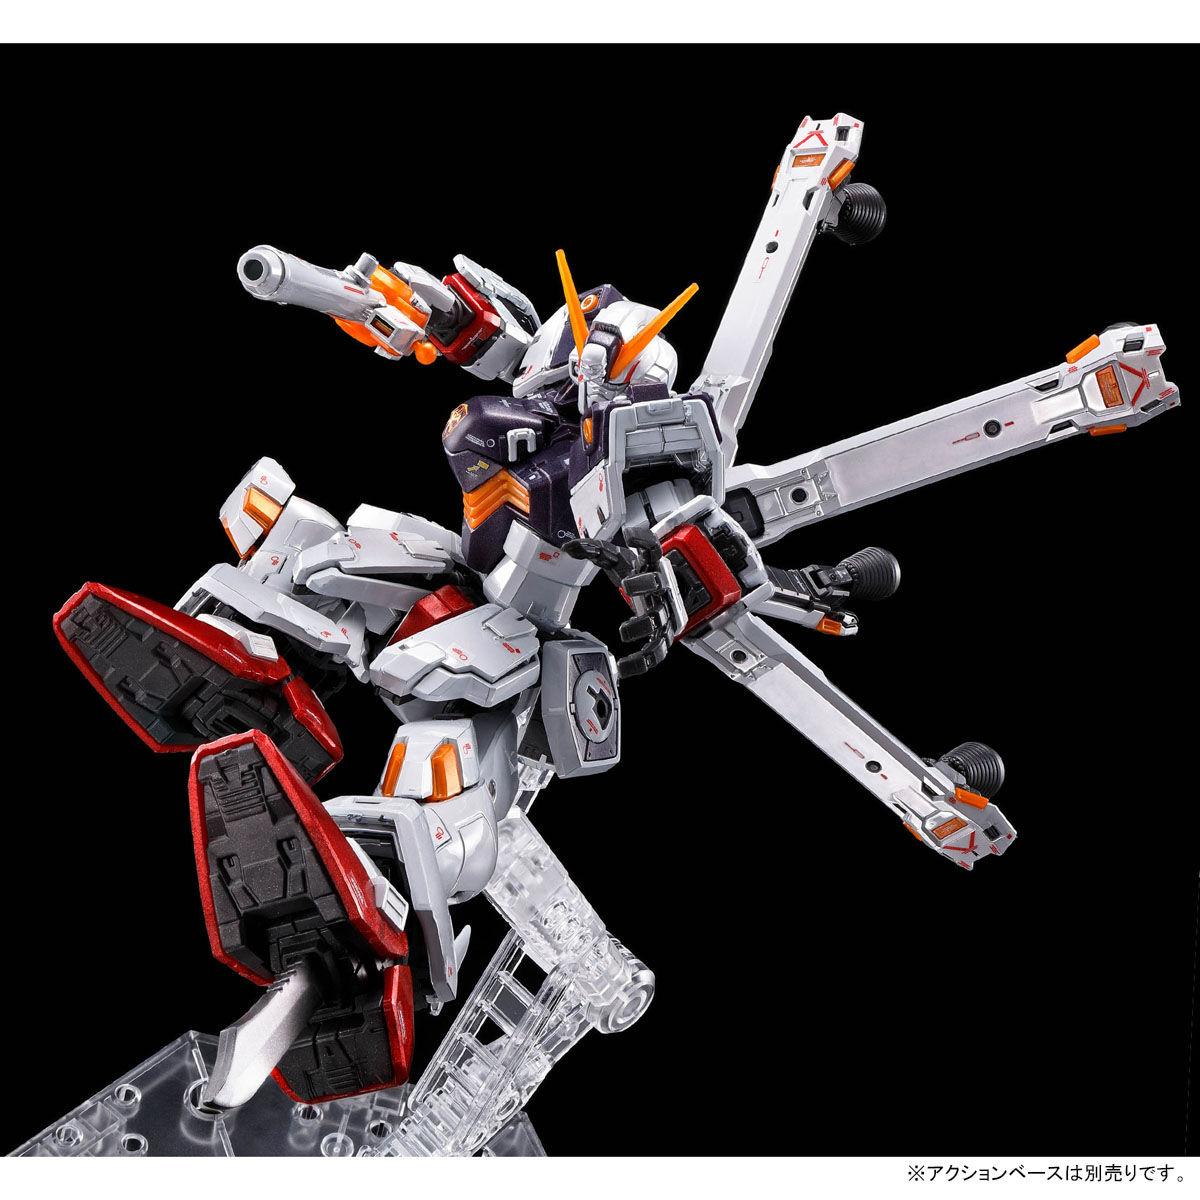 【限定販売】RG 1/144『クロスボーン・ガンダムX1[チタニウムフィニッシュ]』プラモデル-005